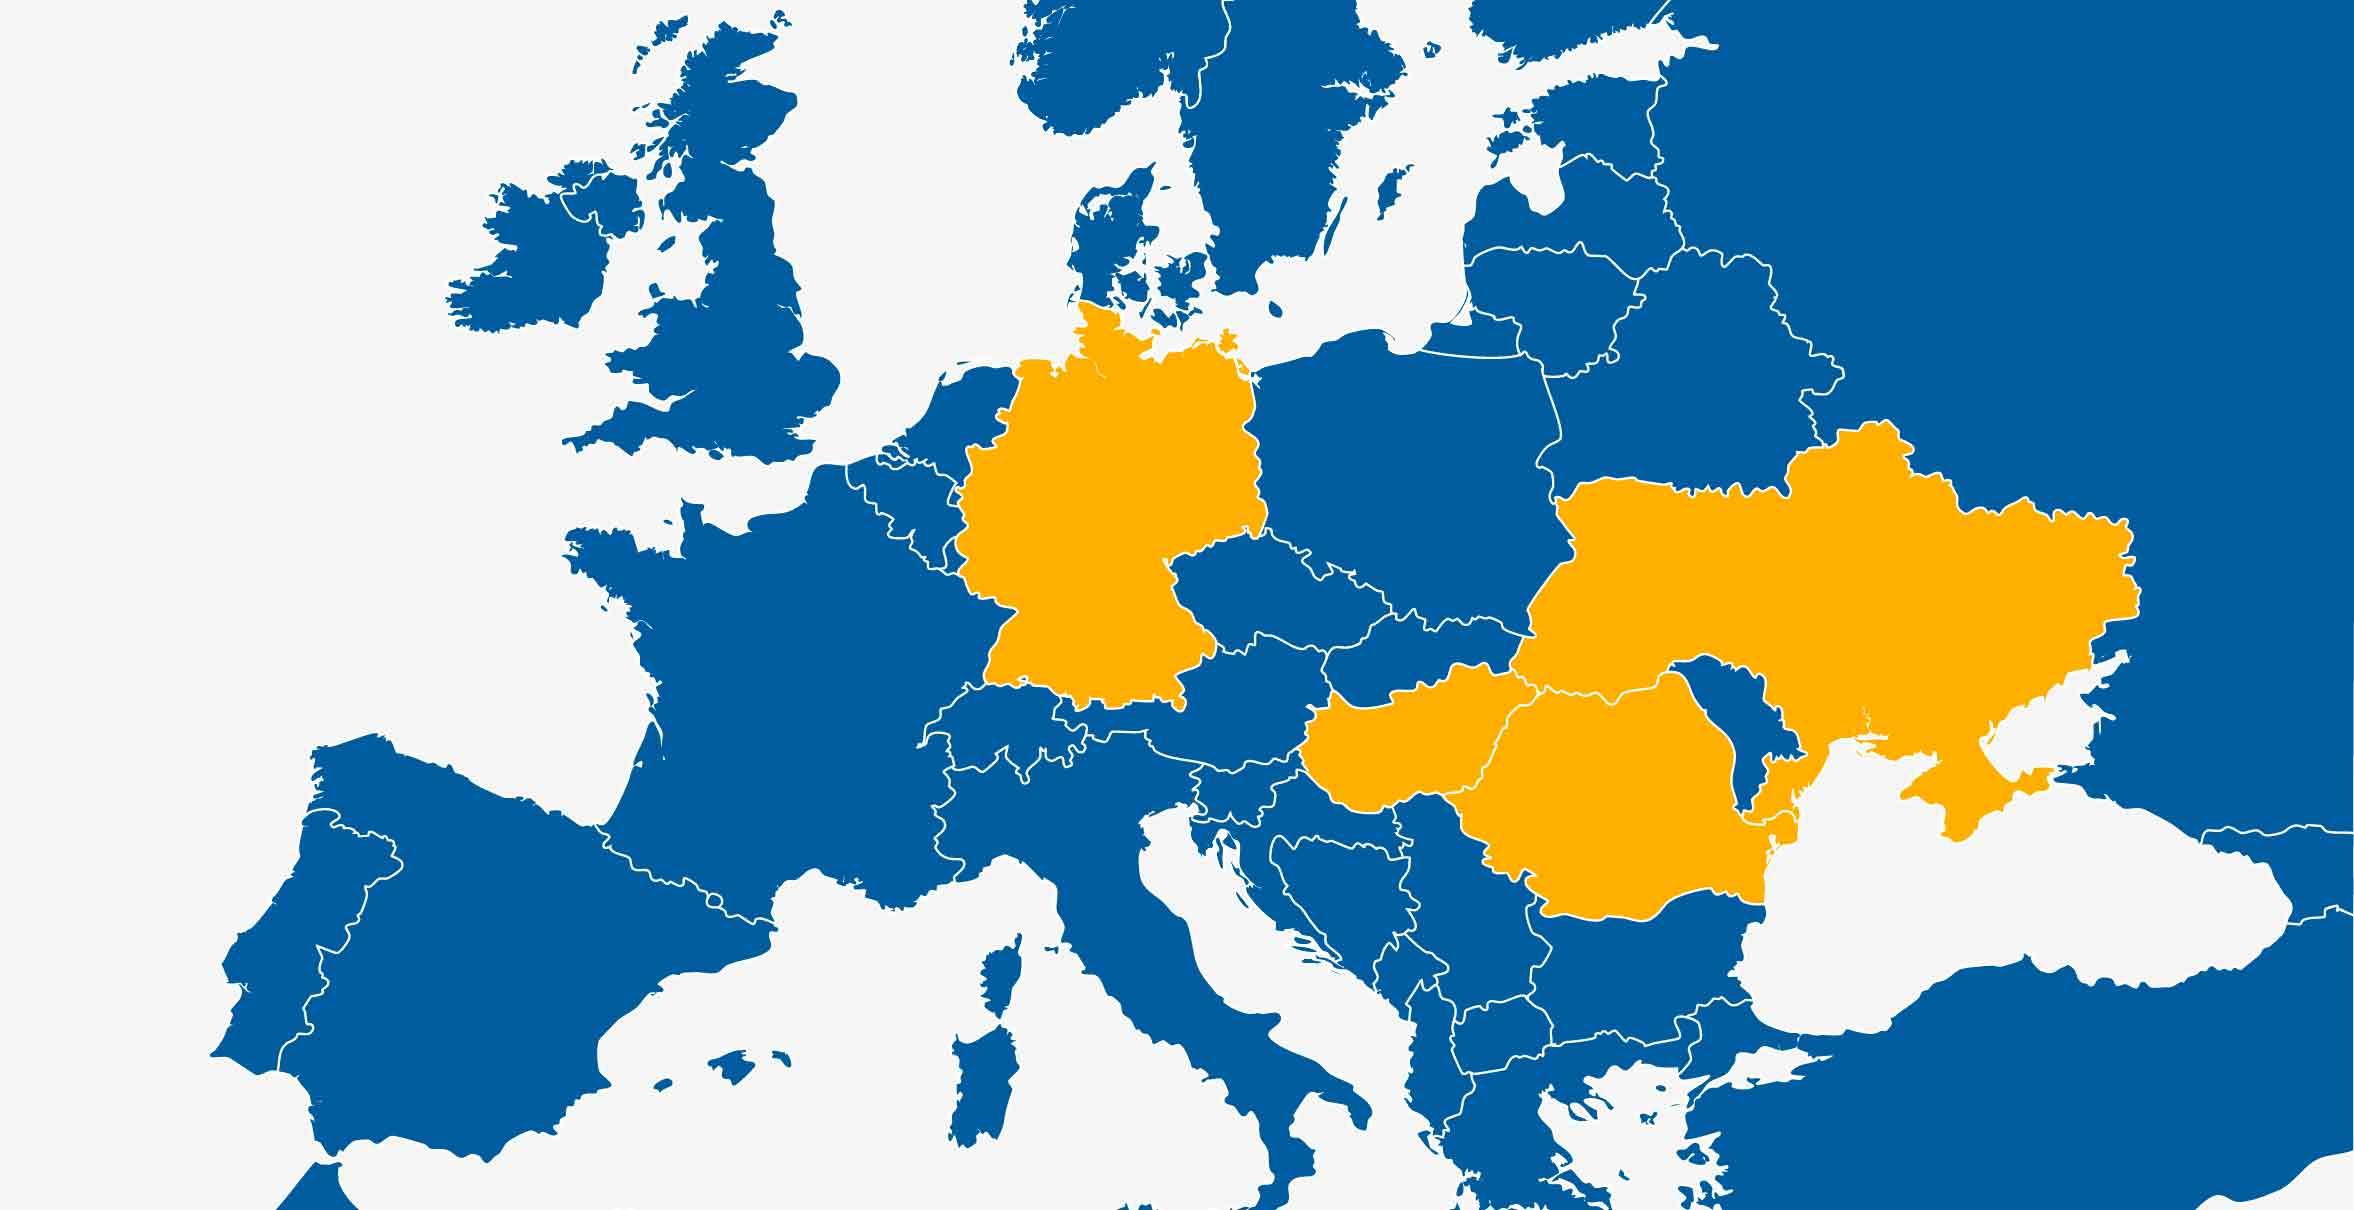 Weltkarte, auf der die Länder hervorgehoben wurden, in denen der CHD arbeitet.